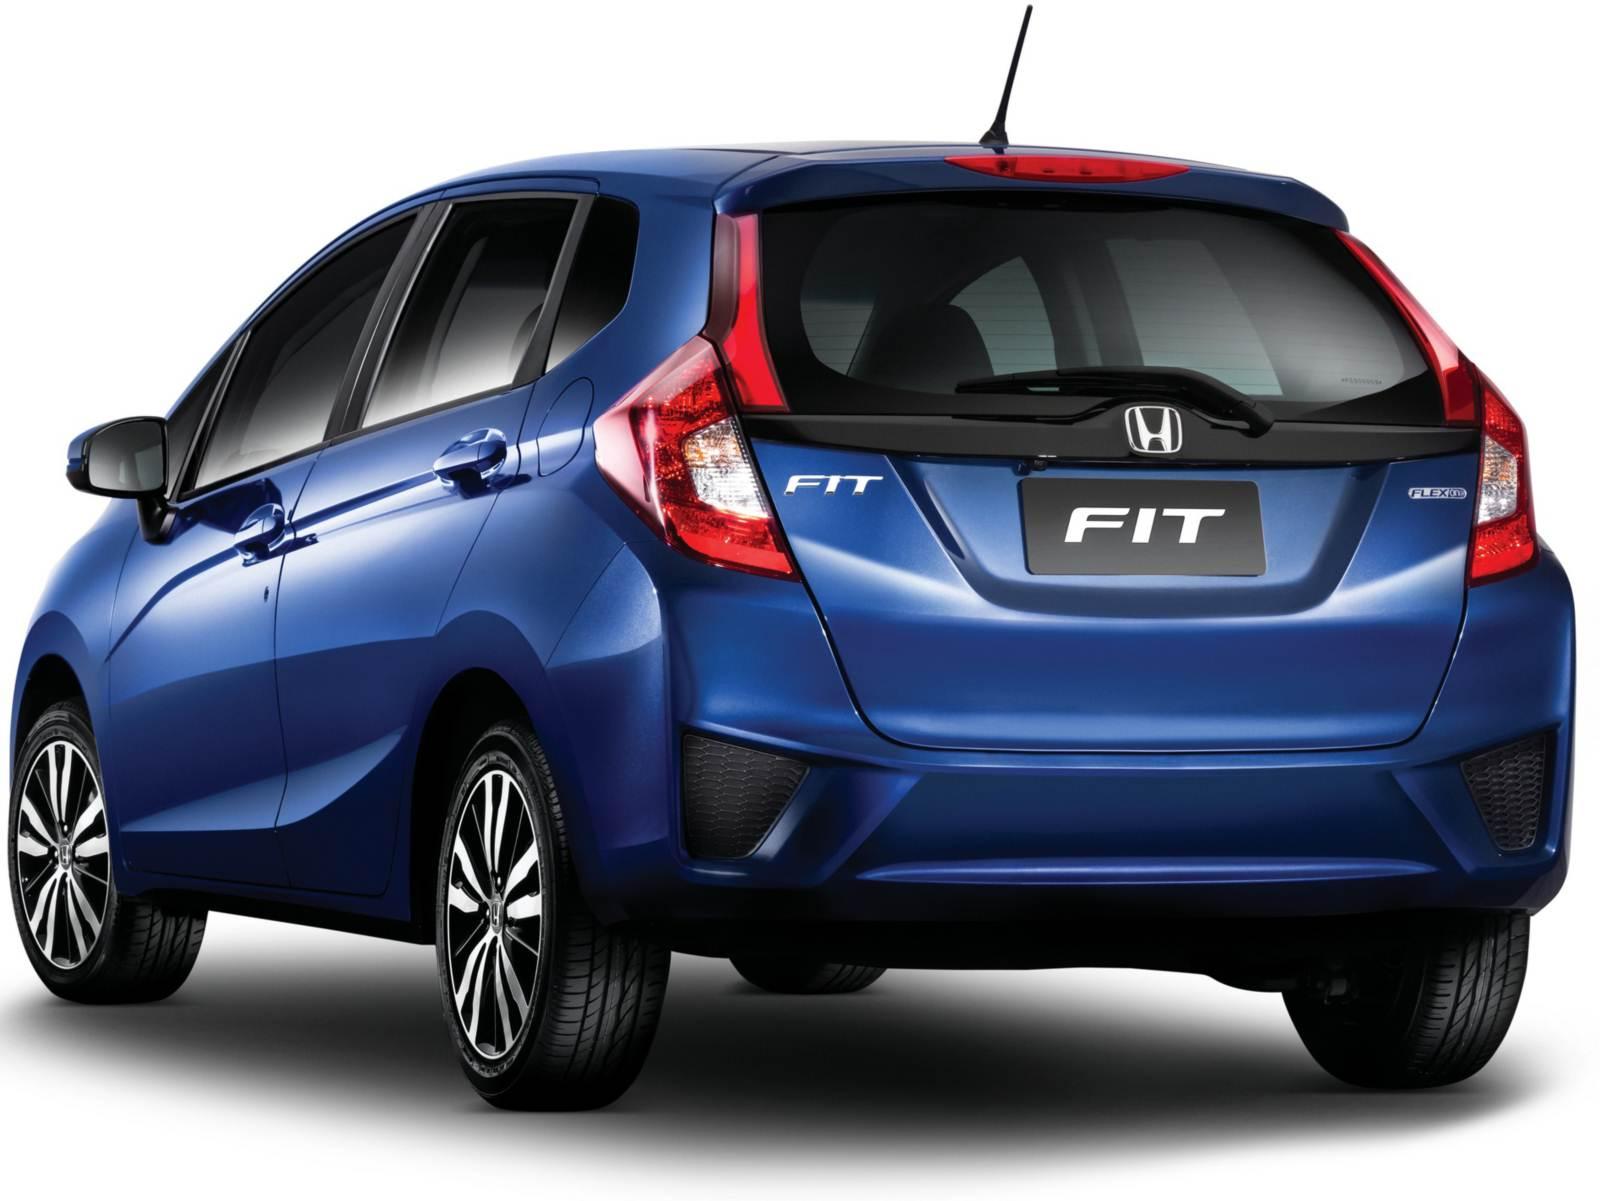 Honda Fit 2015 com desenho para atrair consumidores mais jovens